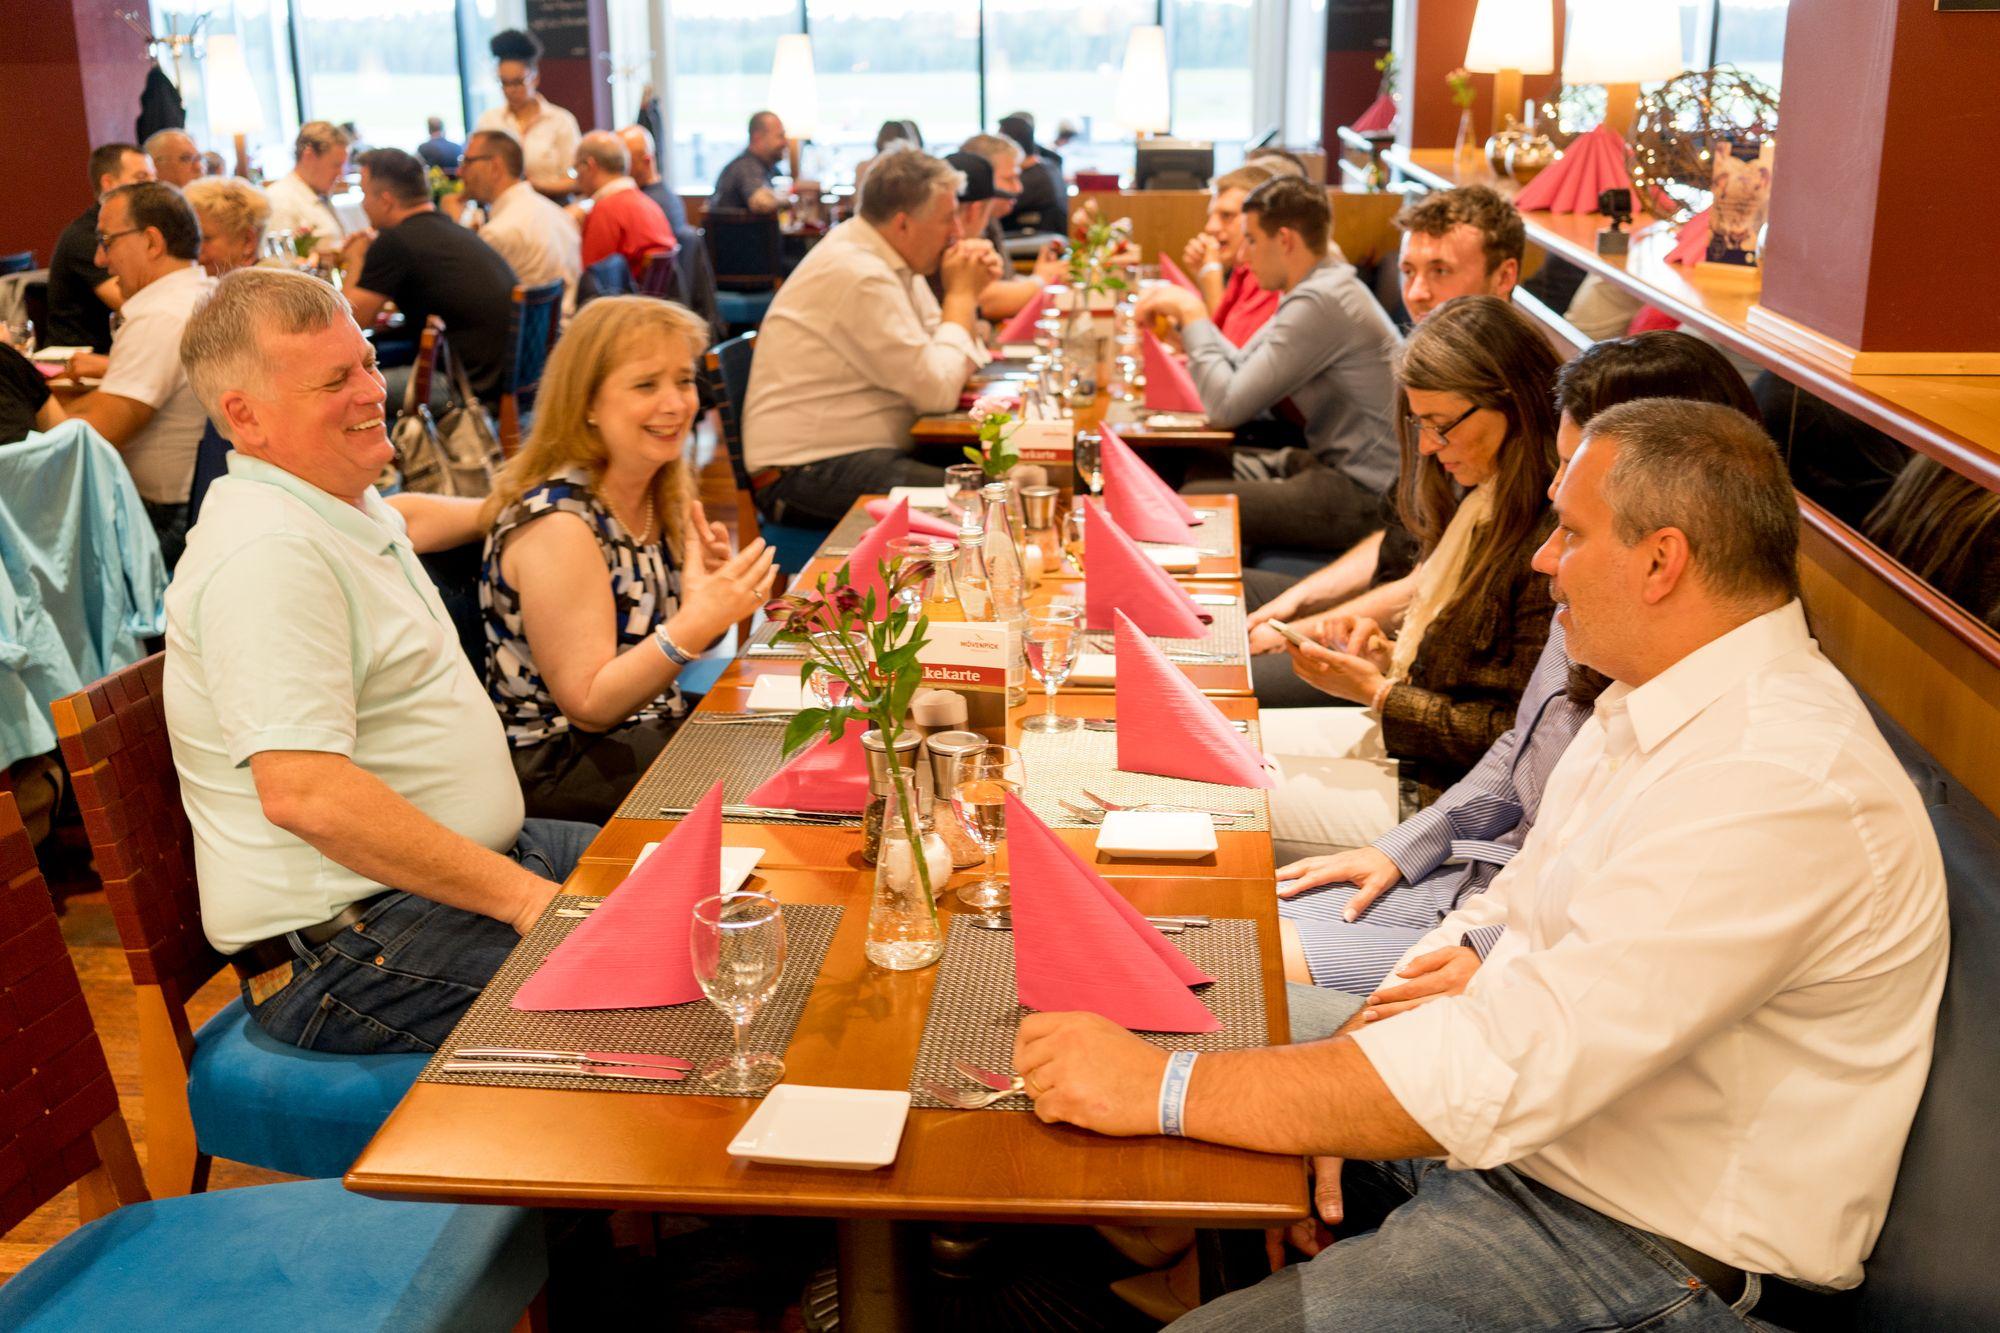 Erick Salgado, Shelly Turner und weitere Teilnehmer beim Abendessen im Flughafen Nürnberg auf dem Builderall Everest 2019 in Nürnberg (Germany)